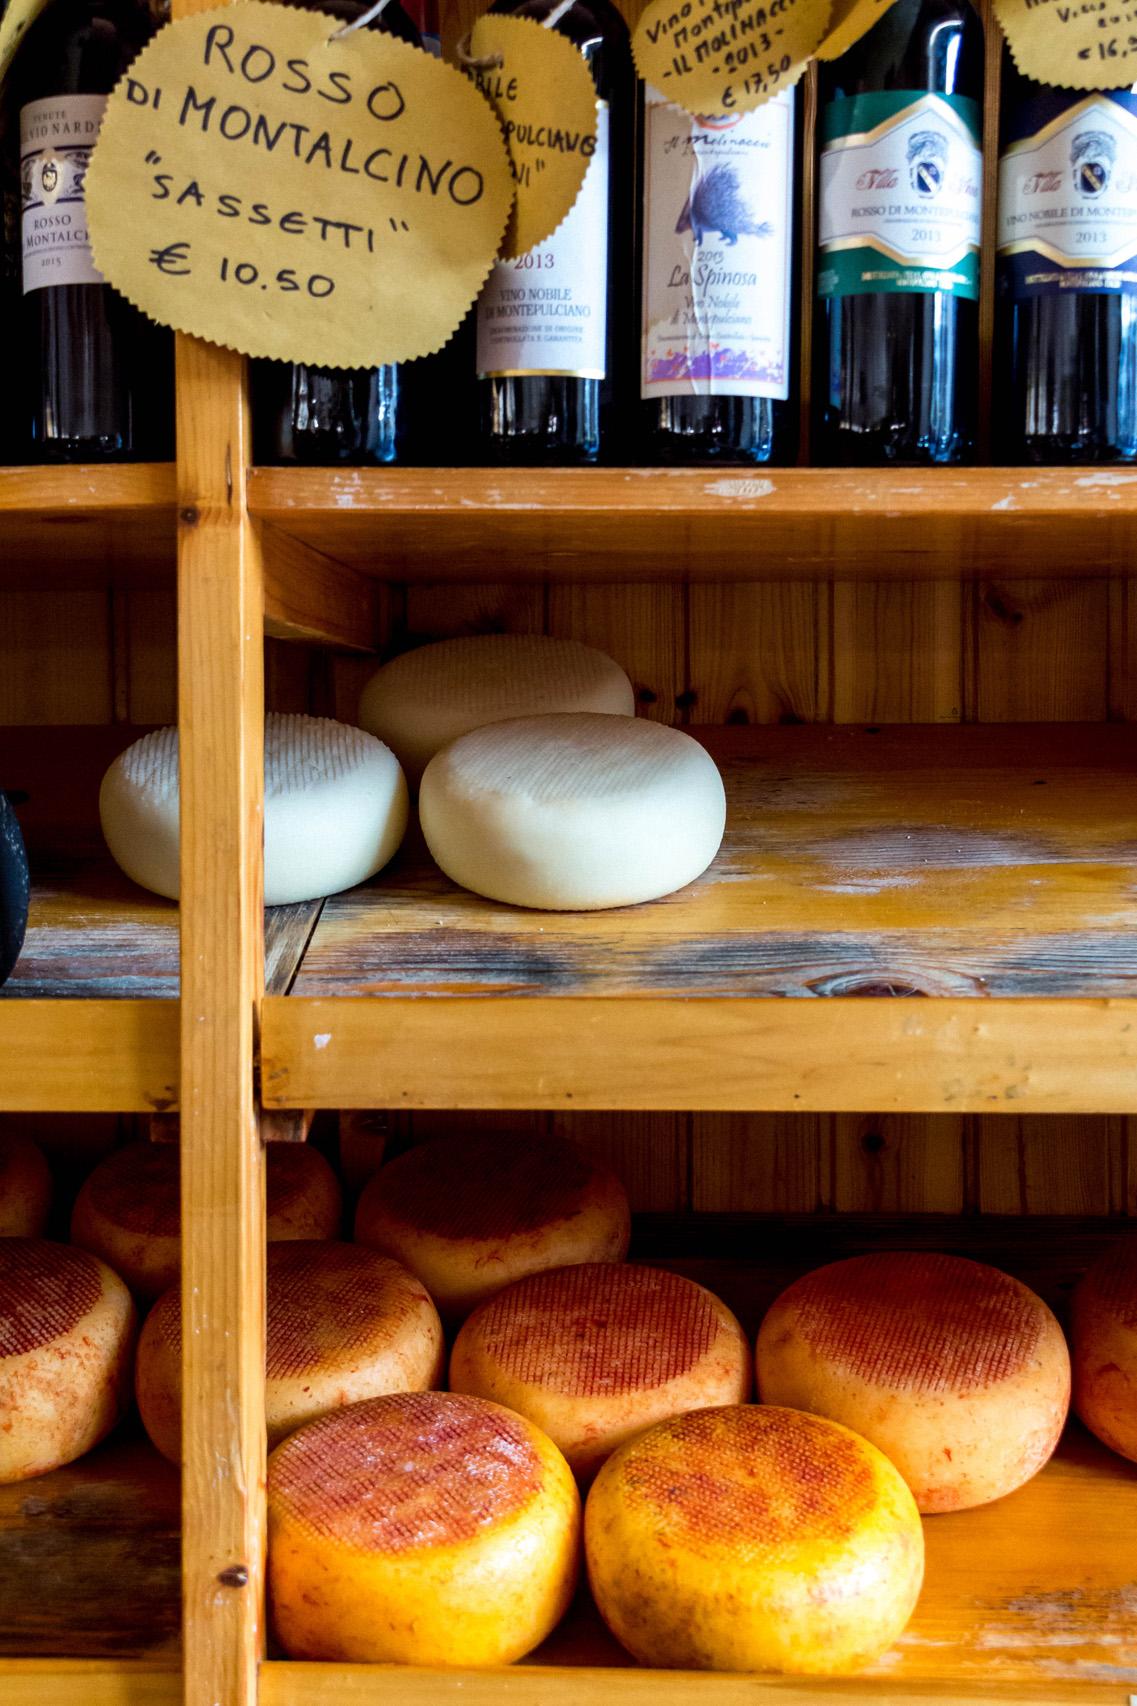 The pecorino from Pienza, Tuscany